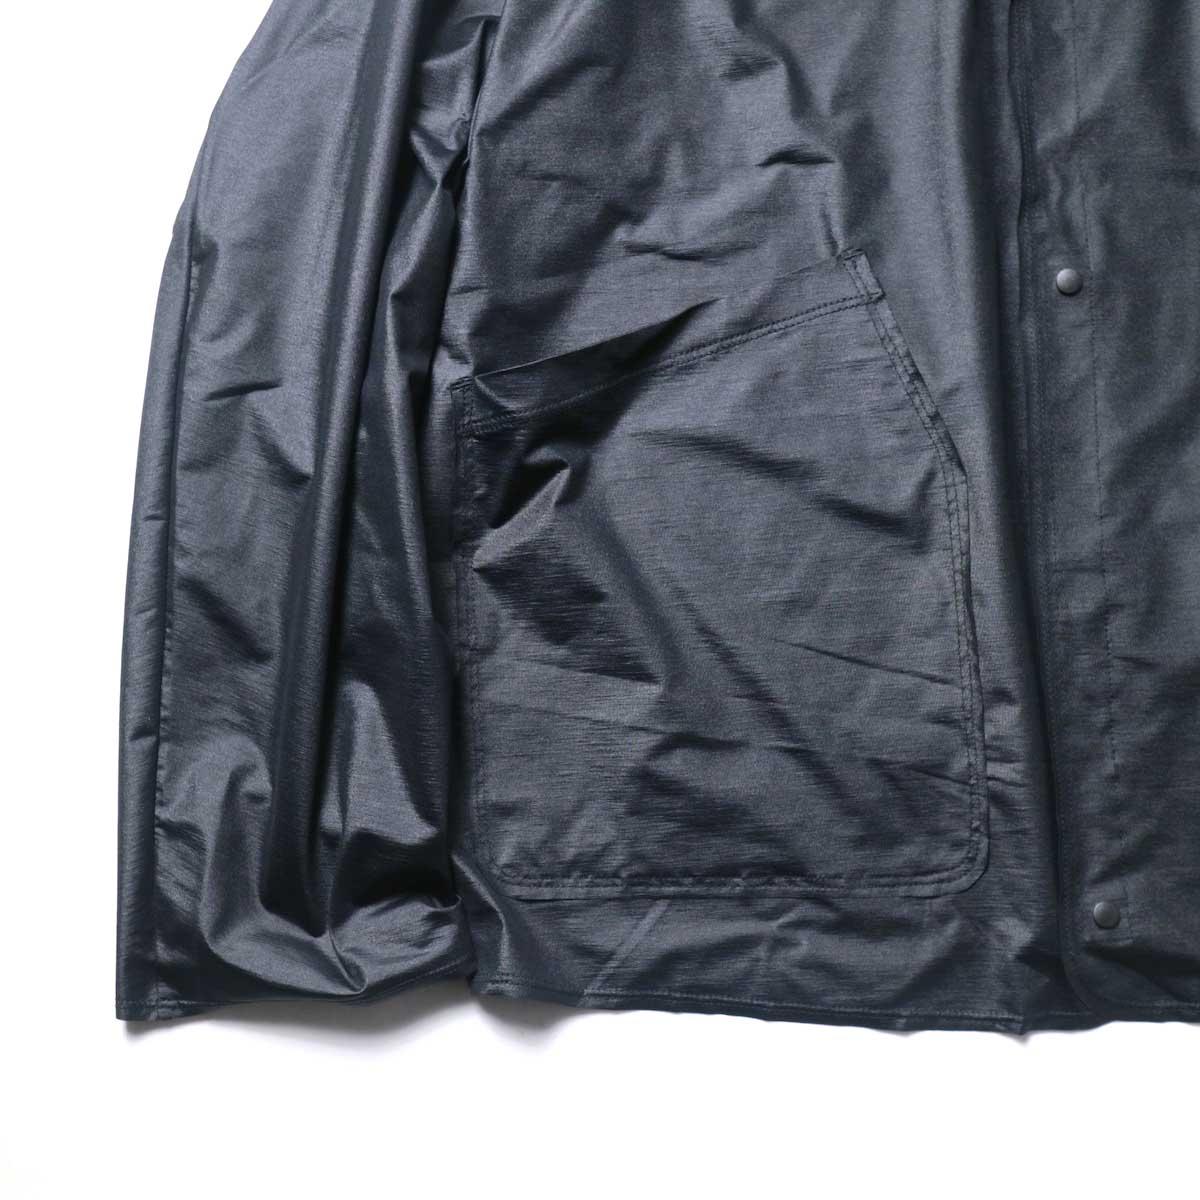 N.HOOLYWOOD / 9211-SH07-010 pieces Shirt Cardigan (Black)袖、裾